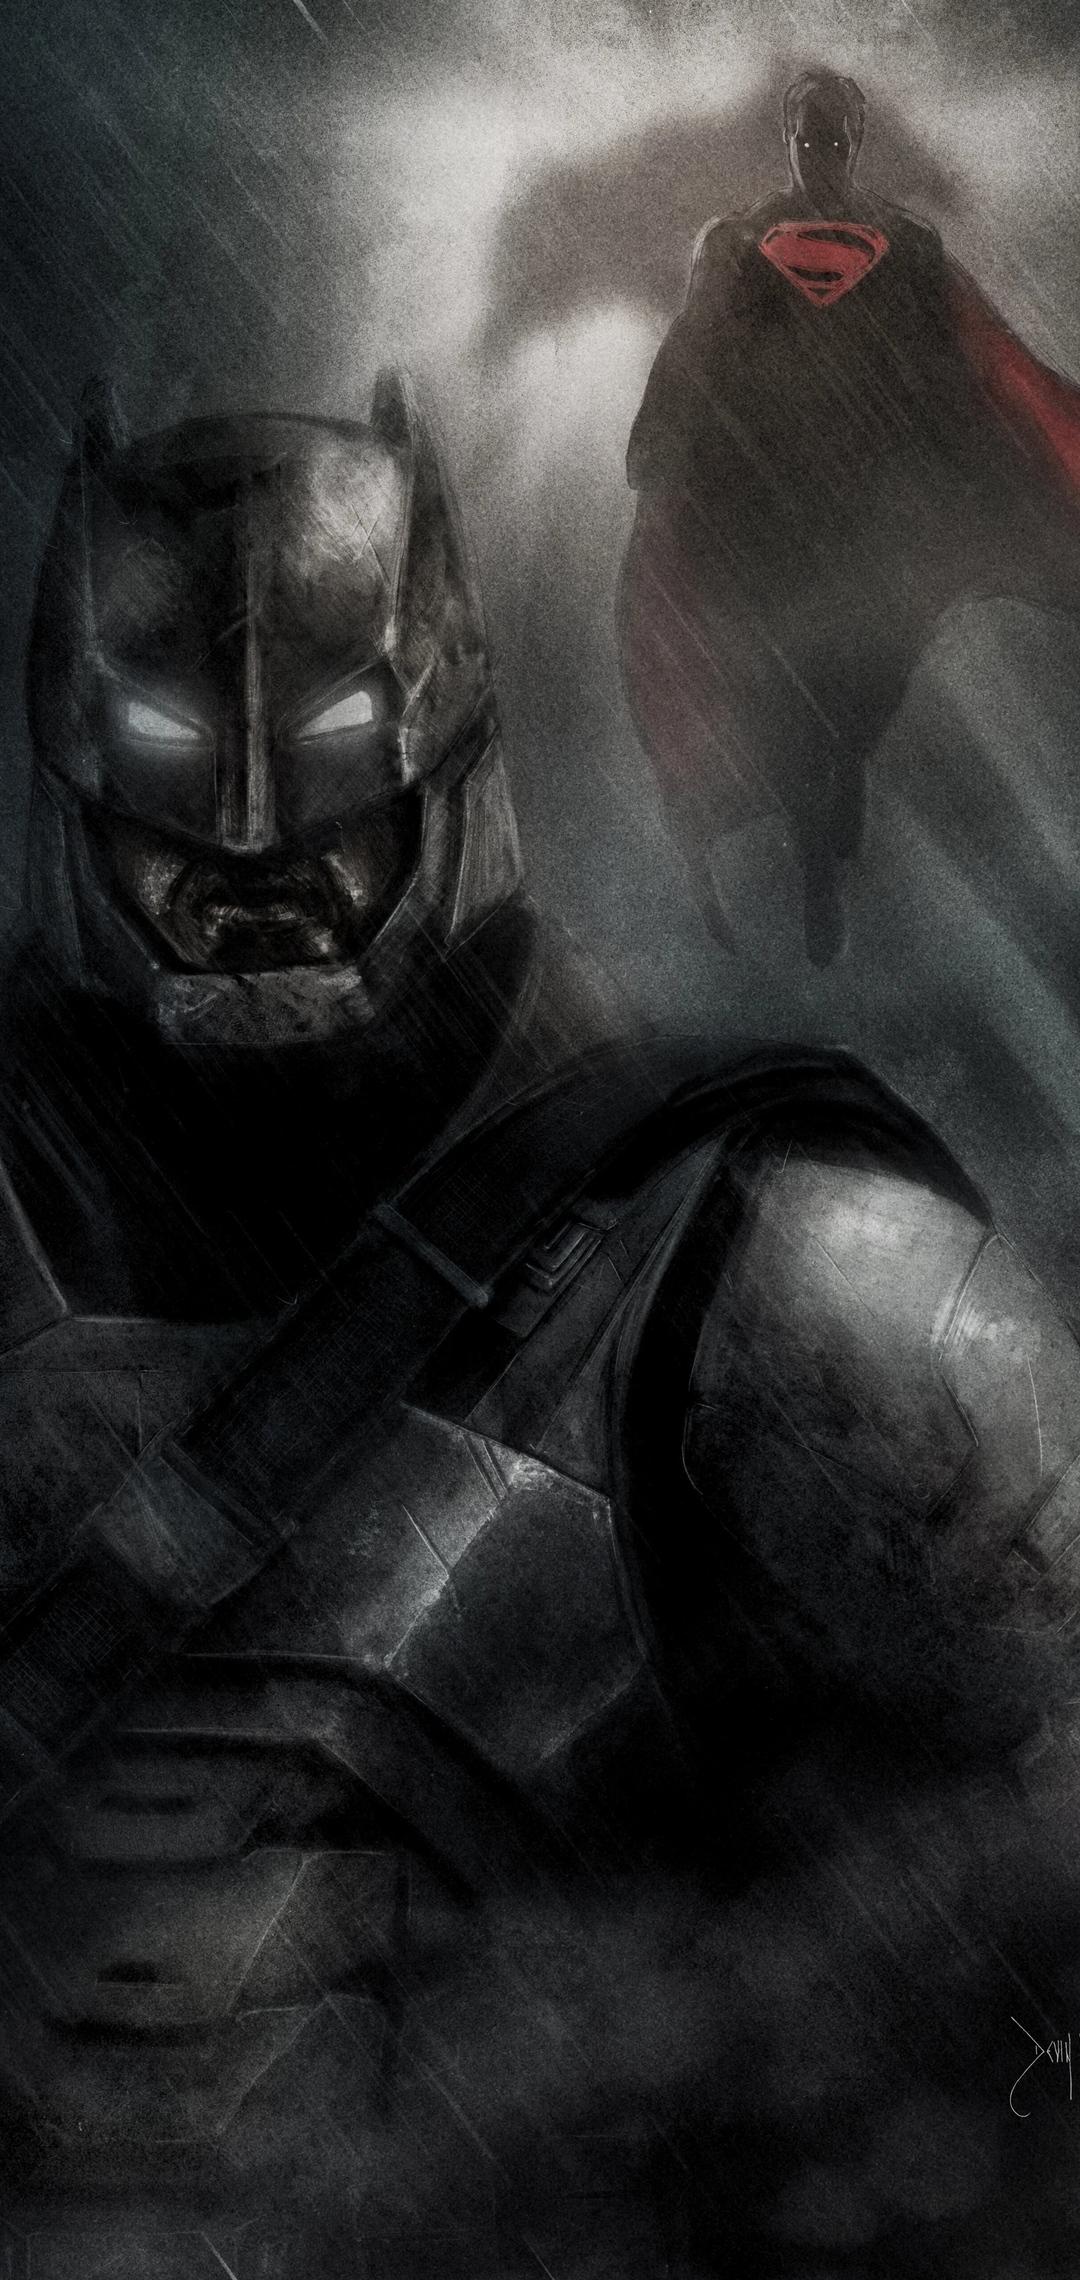 batman-dark-artwork-hc.jpg